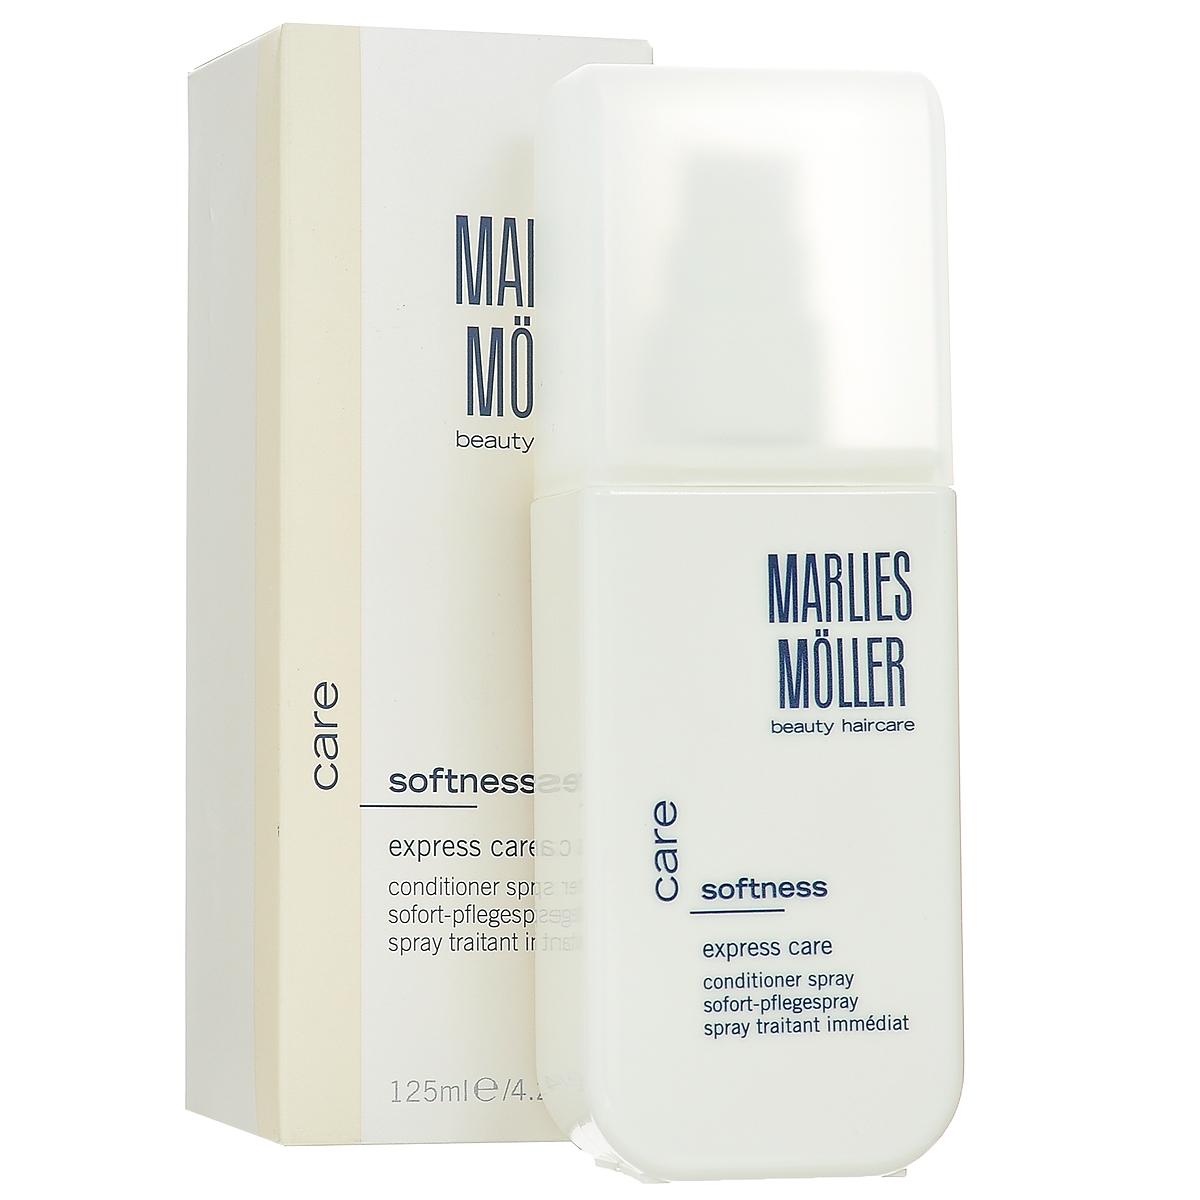 Marlies Moller Кондиционер-спрей для волос Softness, интенсивный, 125 млFS-00897Кондиционер-спрей - это несмываемый уход, альтернатива обычному смываемому кондиционеру. Несмываемое средство находится на волосах дольше, следовательно, работает эффективнее. Делает волосы гладкими и струящимися. Мгновенно увлажняет, восстанавливает эластичность и сияние волос. Облегчает расчесывание, оказывает антистатический эффект. Подчеркивает локоны вьющихся волос. Премиальный уход с профессиональным эффектом. Высокая концентрация активных компонентов. Мягкое средство без силиконов, позволяет частое применение.Наносите спрей на сухие или подсушенные полотенцем волосы по мере необходимости. Не смывайте.